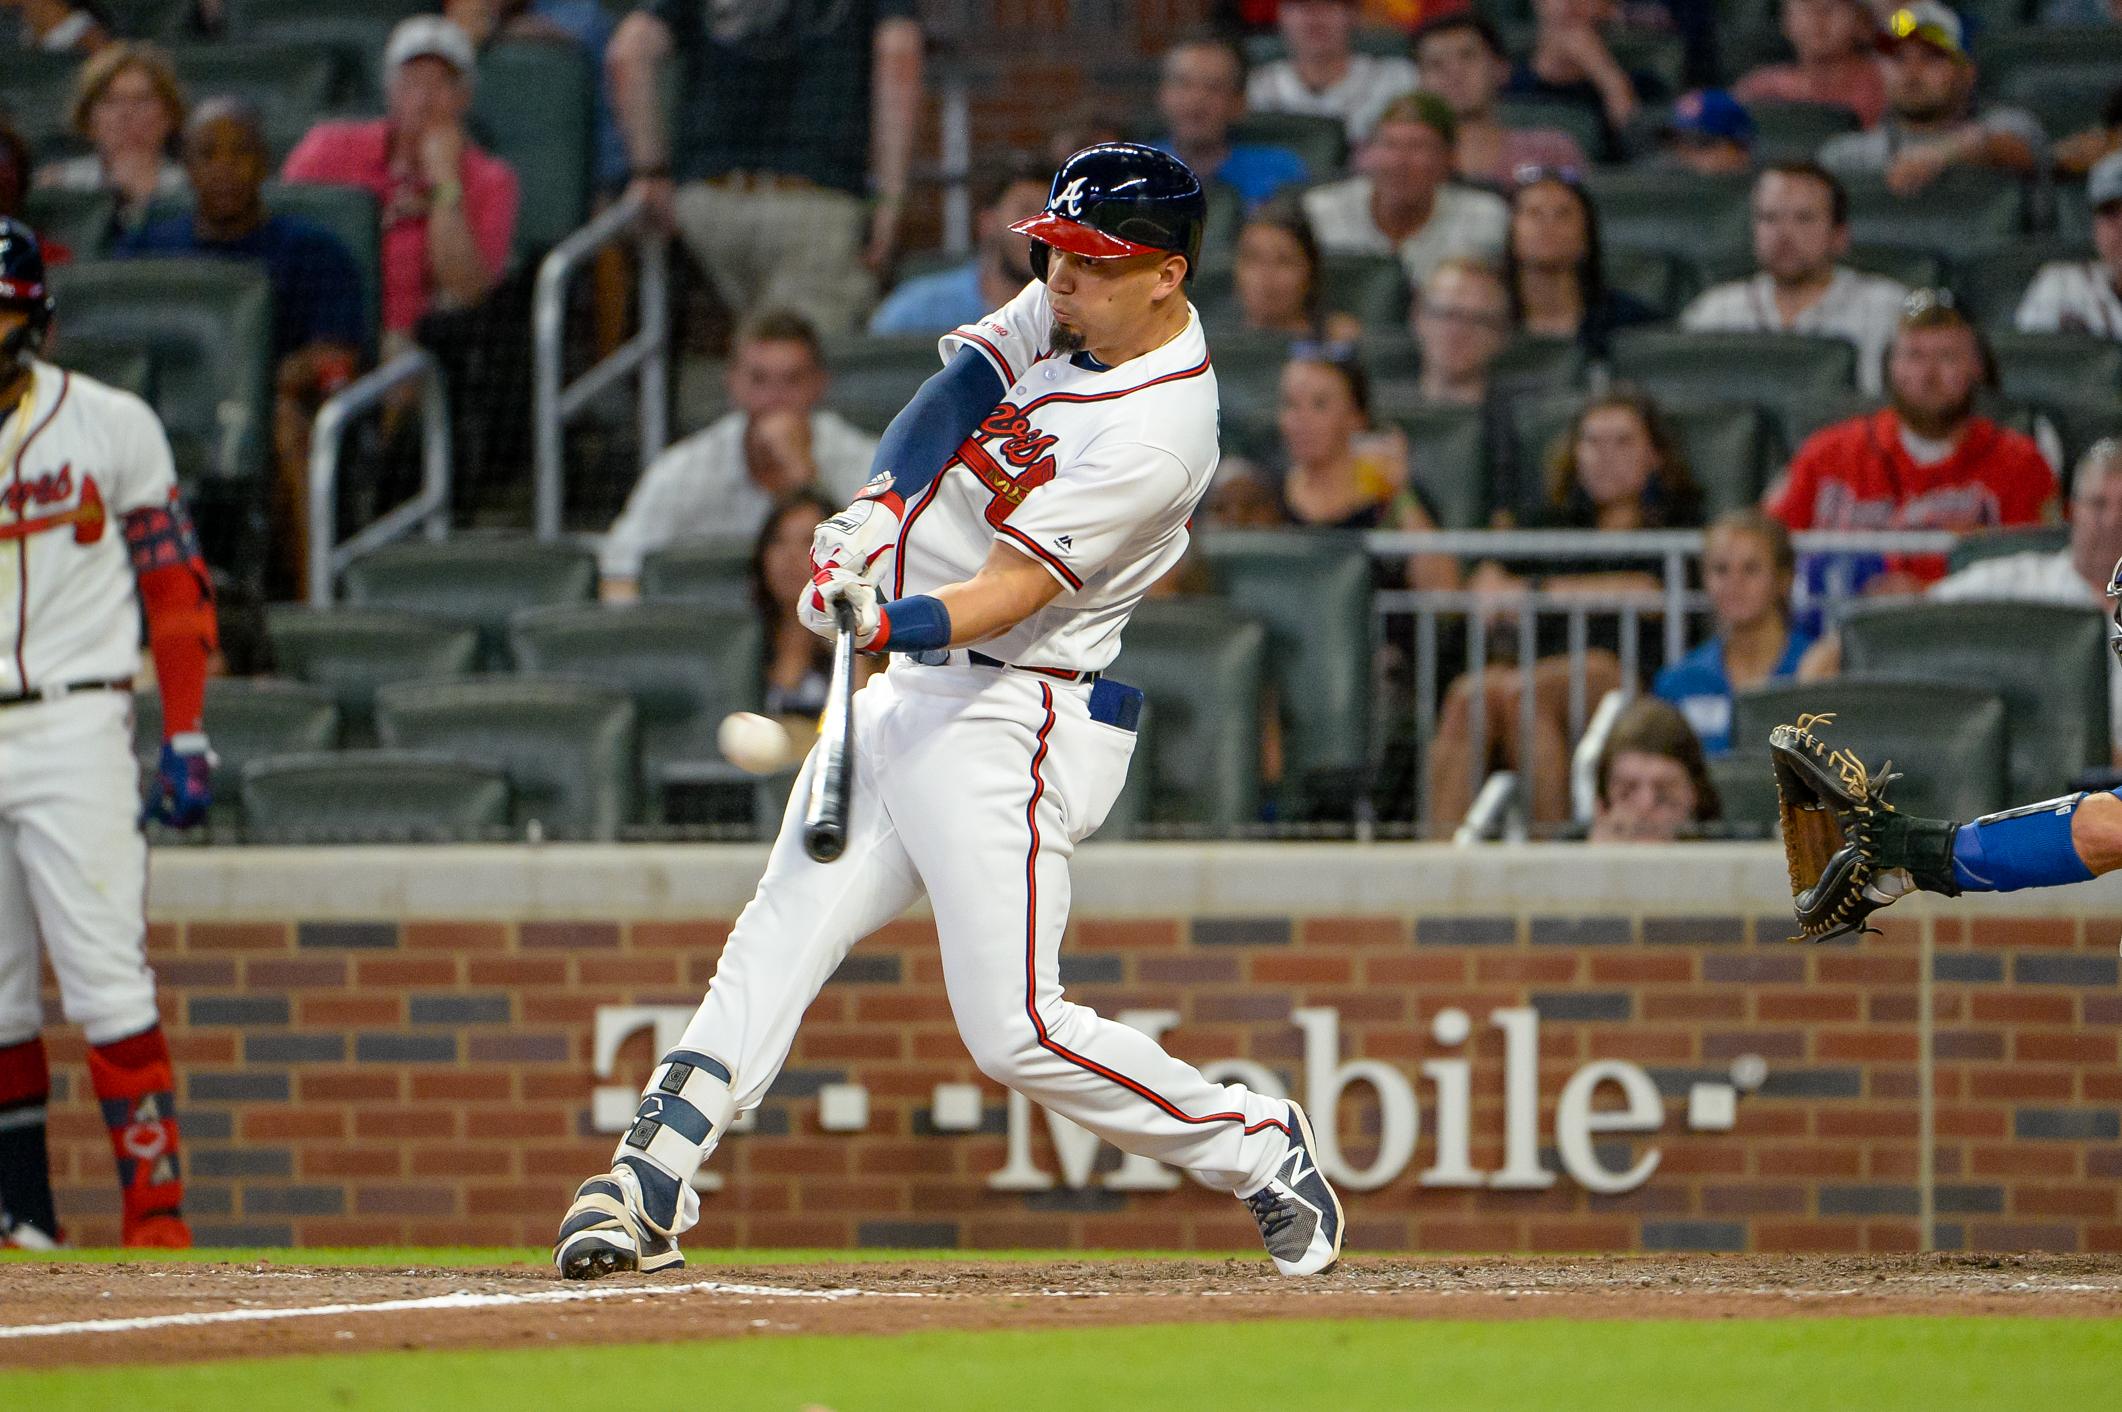 MLB: AUG 17 Dodgers at Braves